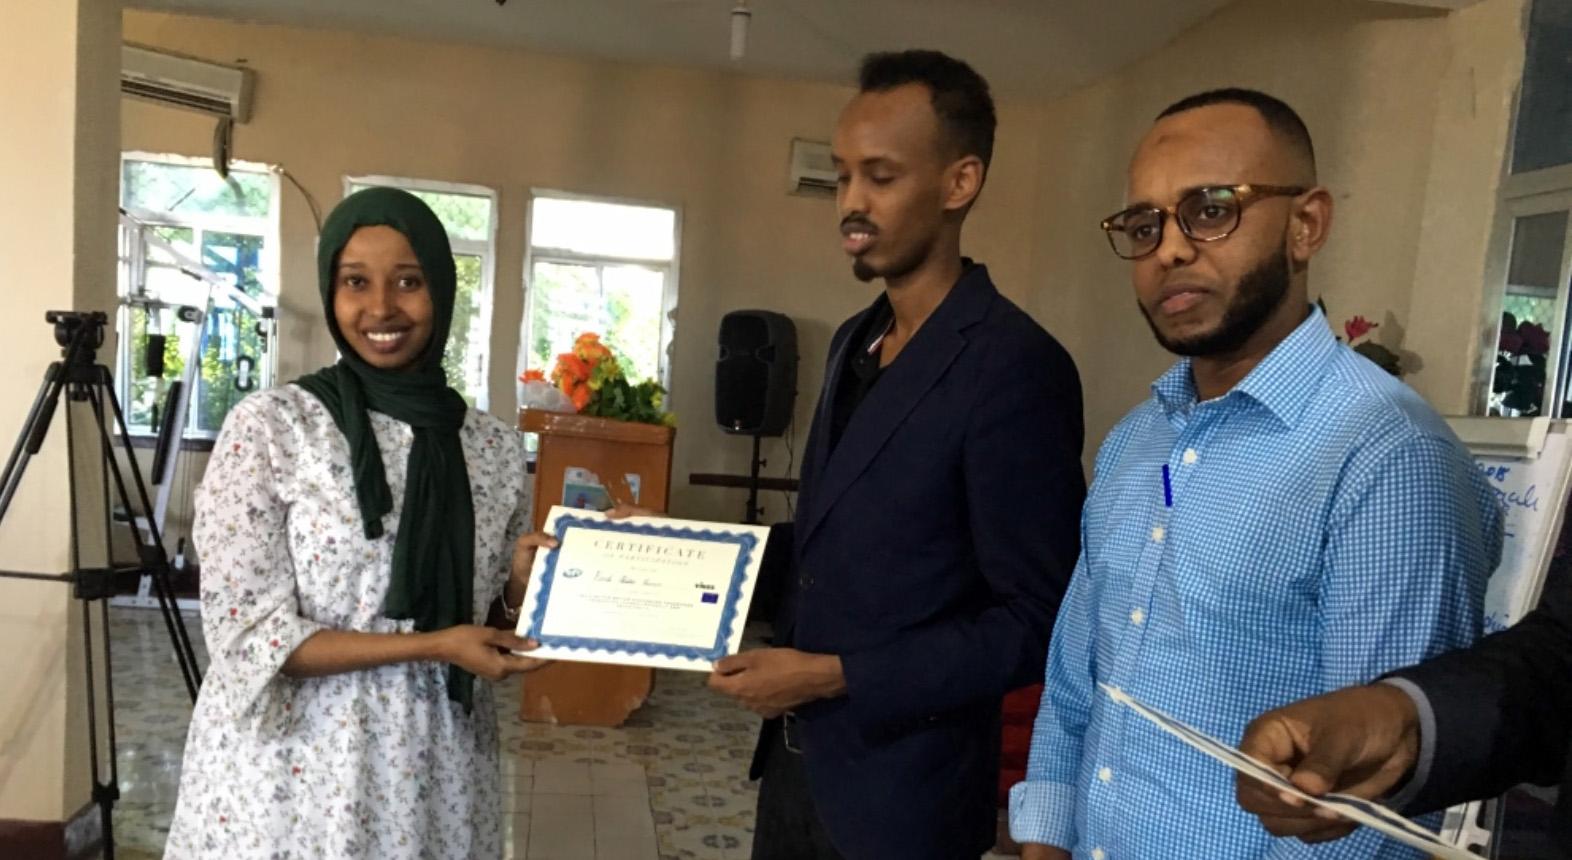 Toimittajat saavat diplomeja koulutuksen päätteeksi